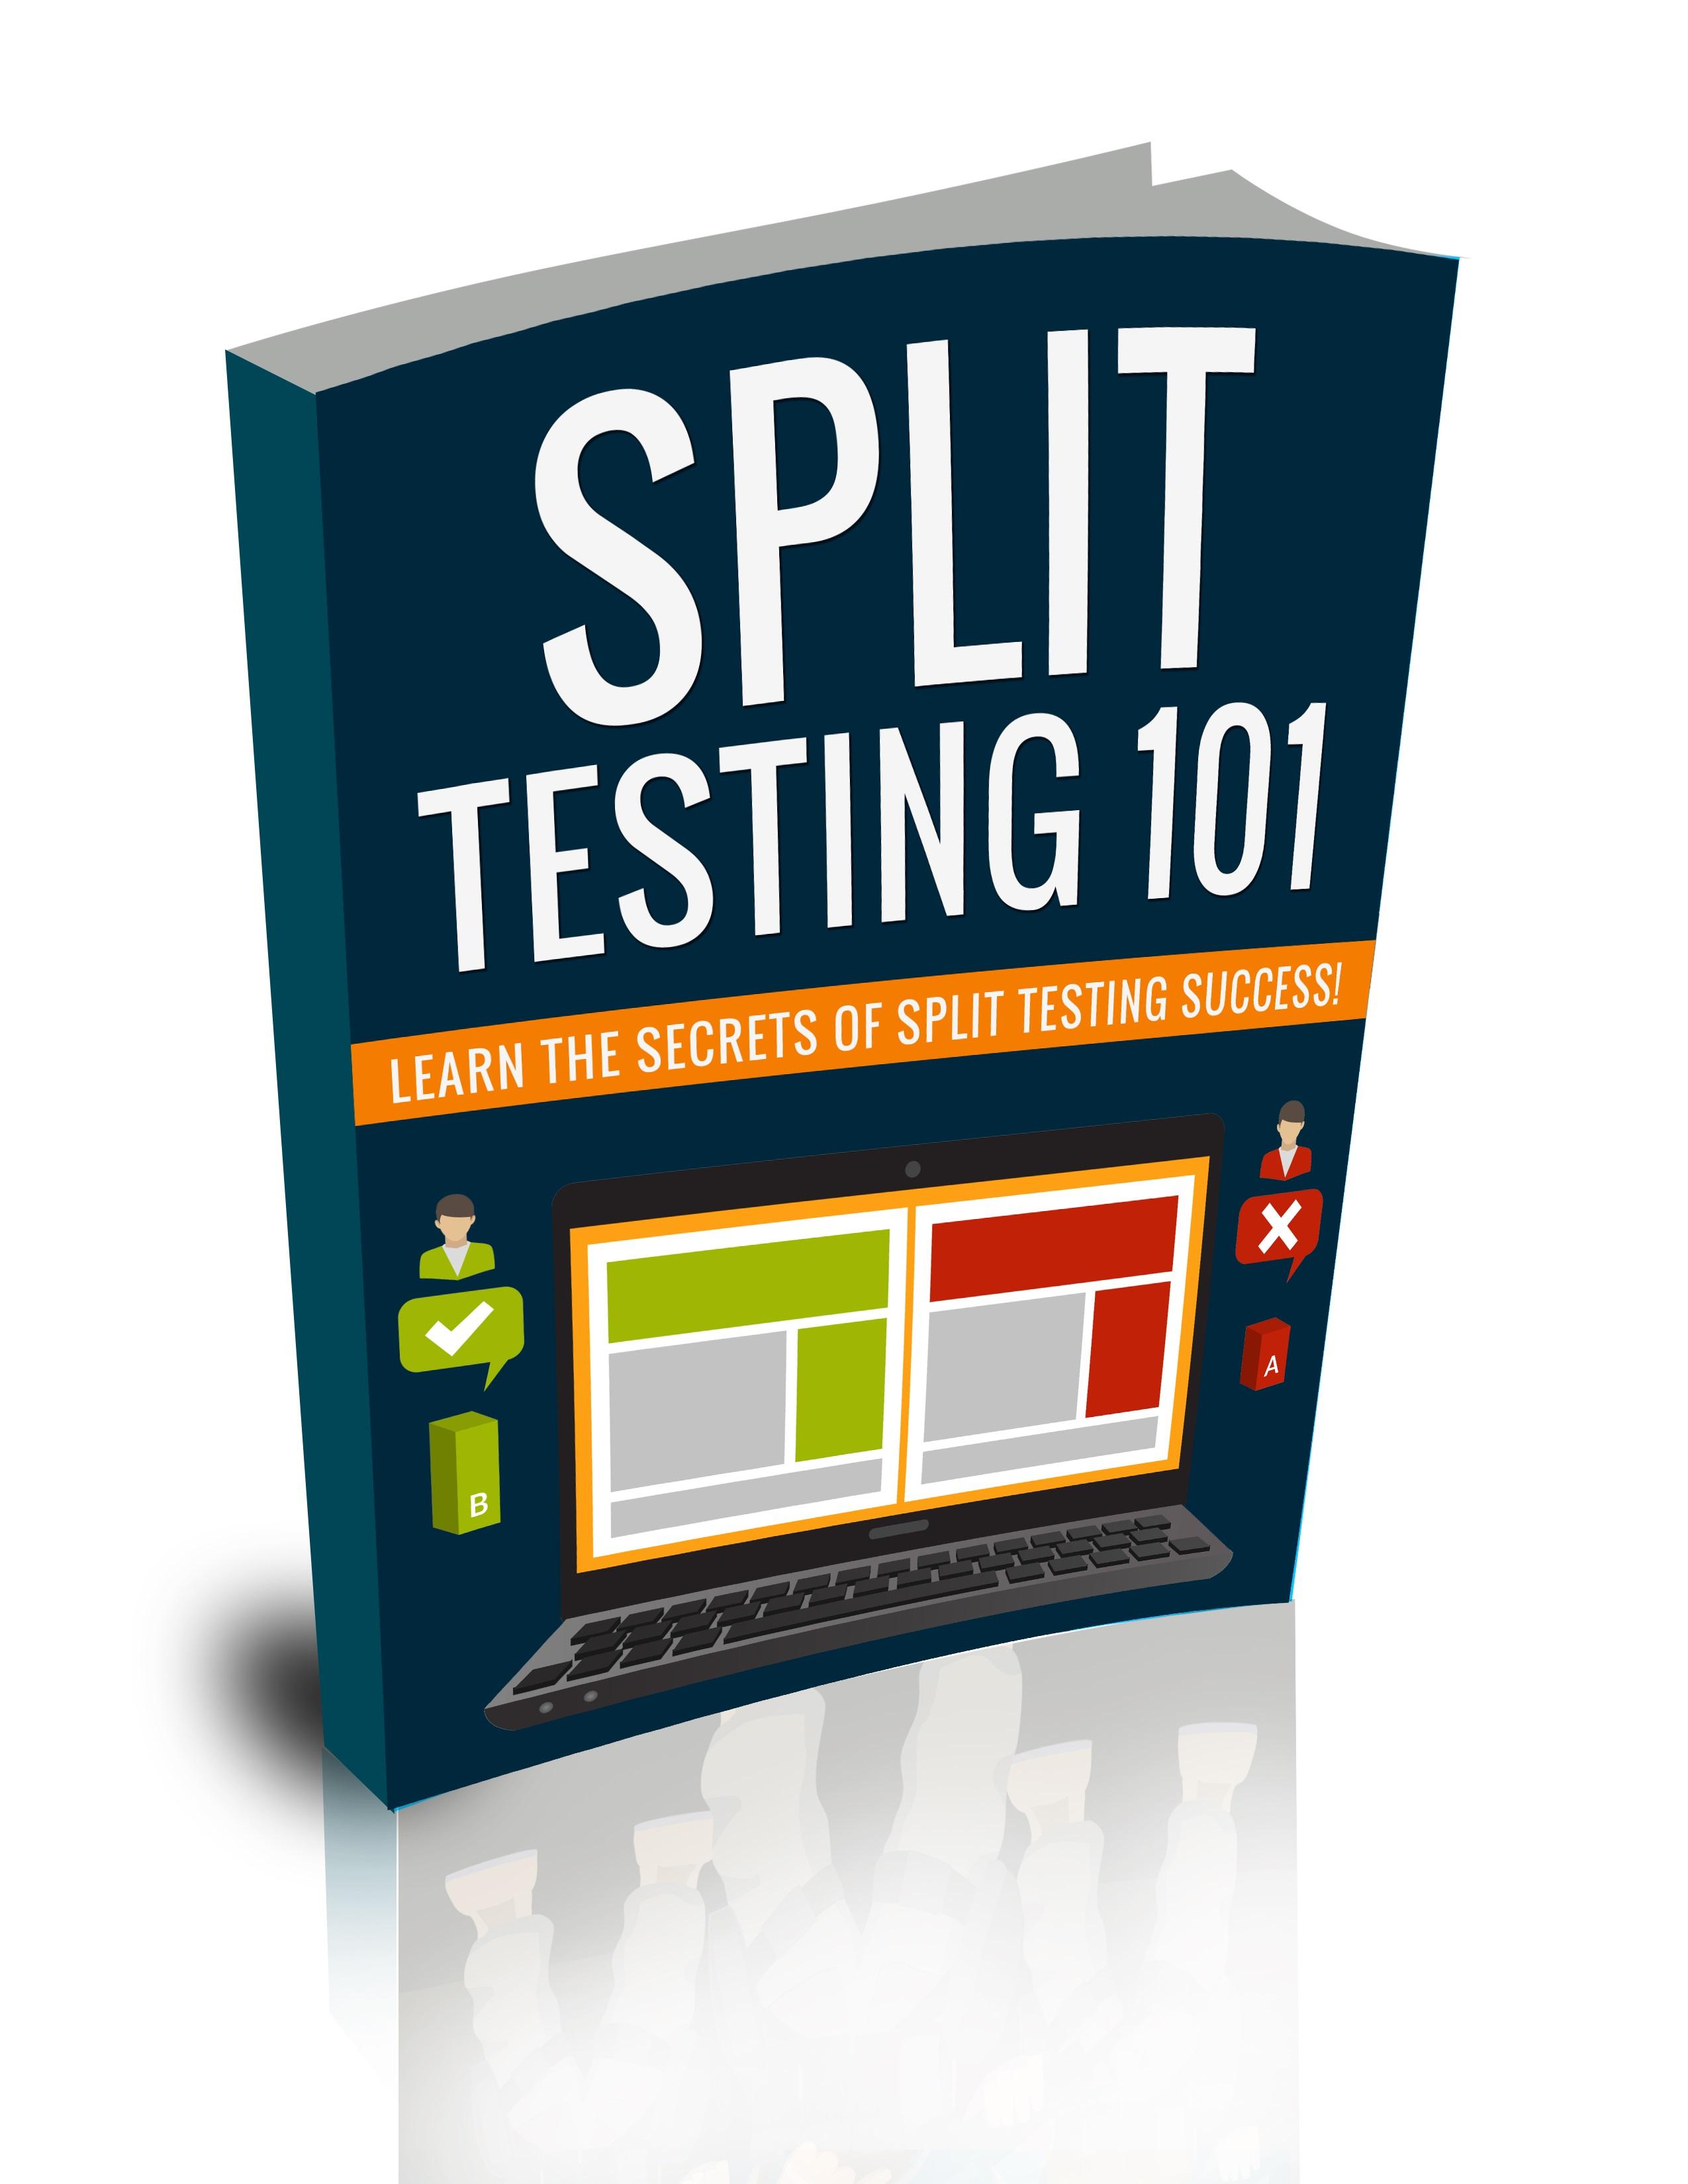 Split Testing 101 Package